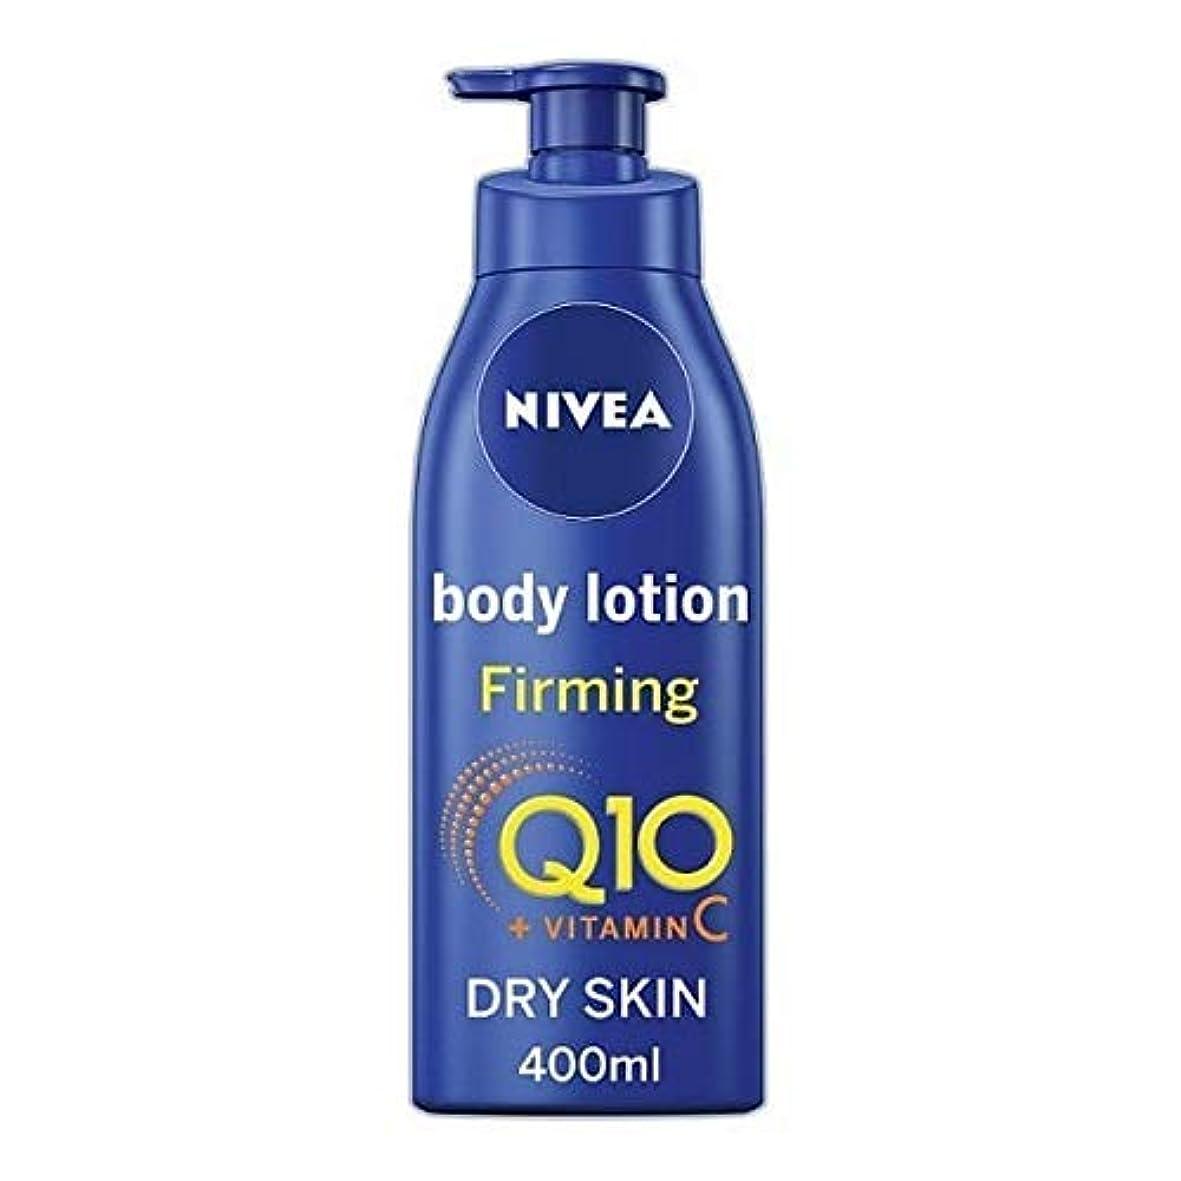 建築家スプレー偽造[Nivea ] 乾燥肌、400ミリリットルのためのニベアQ10ビタミンCファーミングボディローション - NIVEA Q10 Vitamin C Firming Body Lotion for Dry Skin, 400ml...